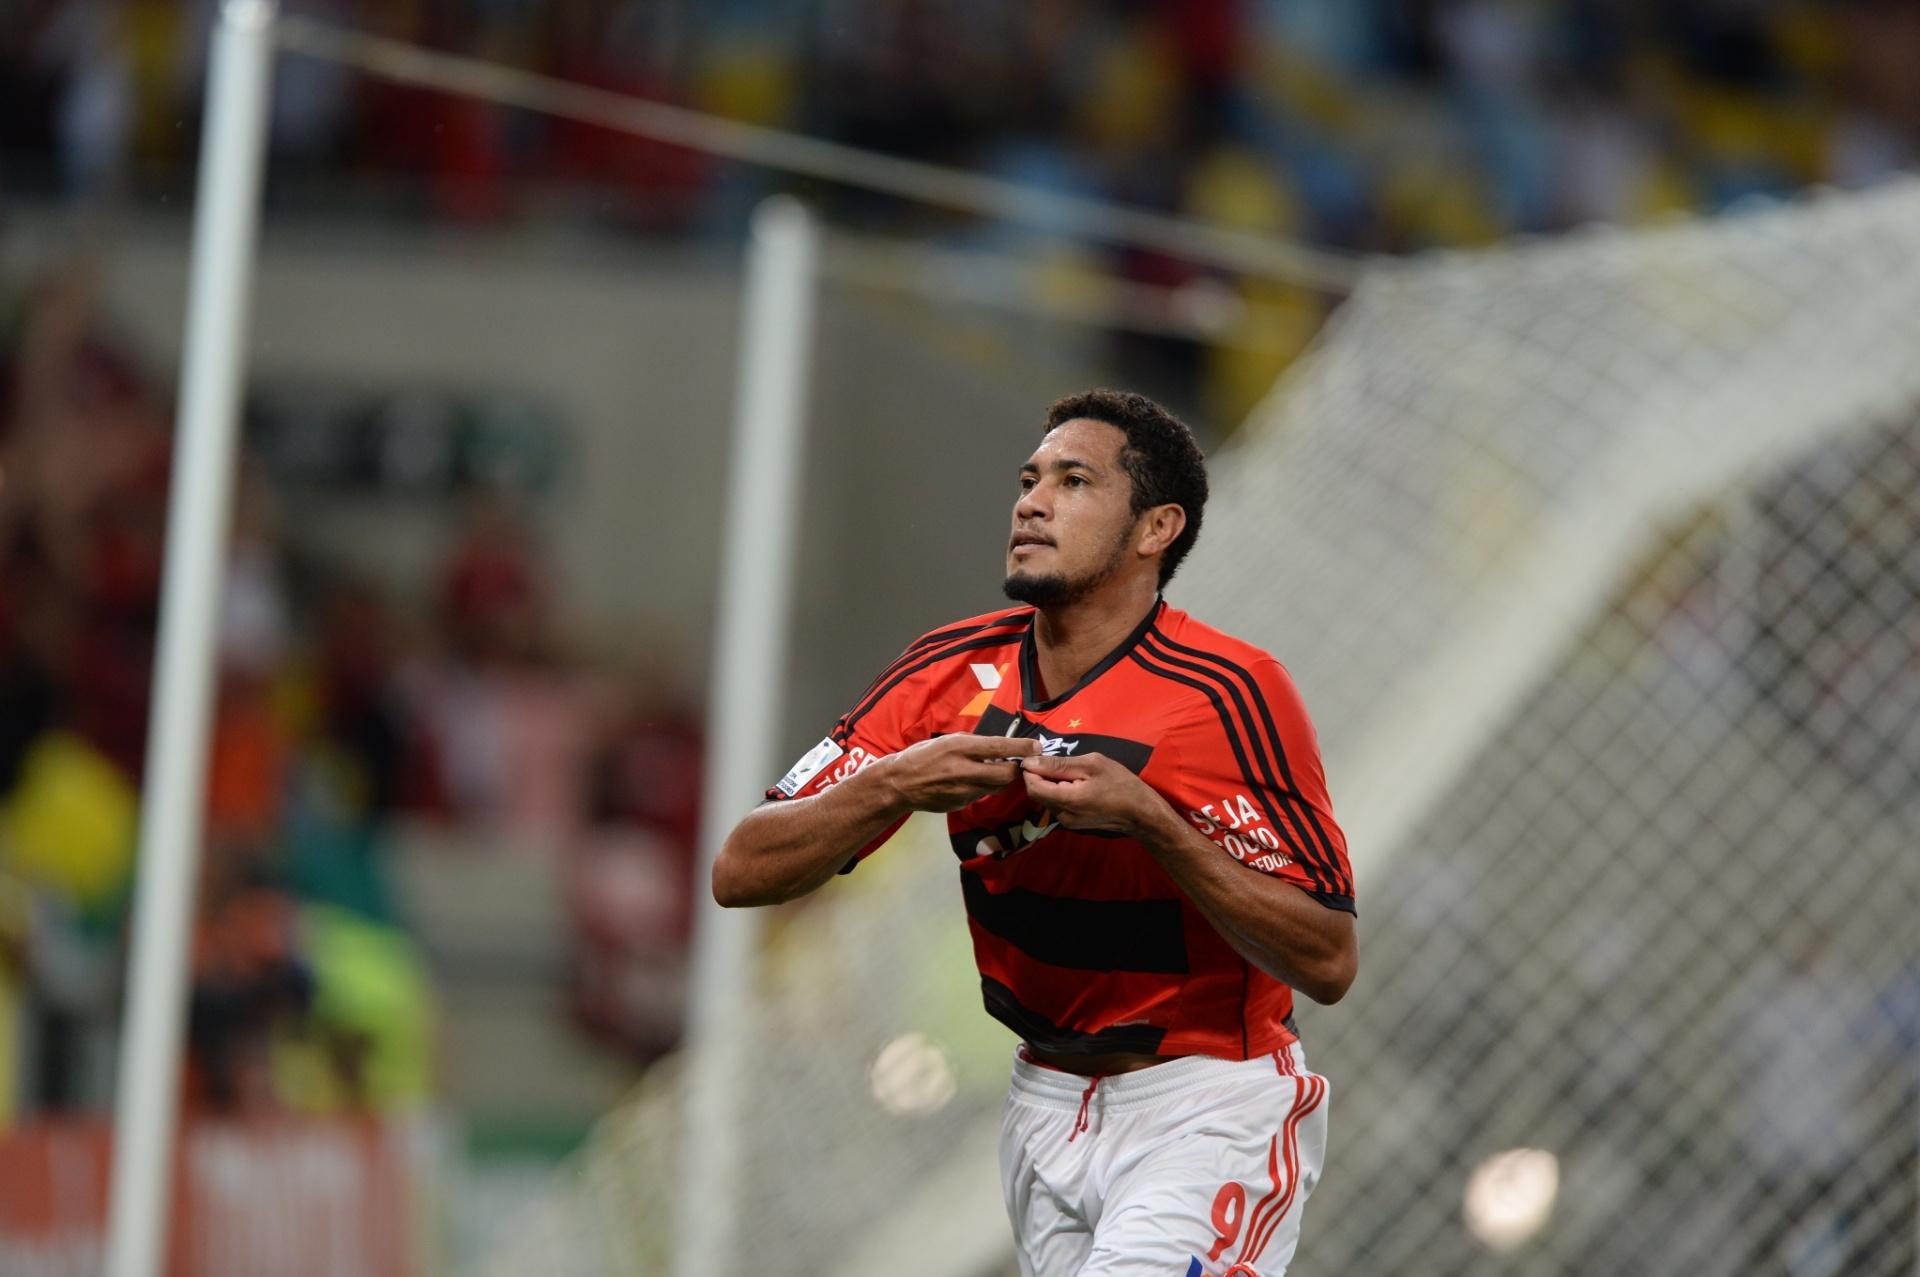 9eda26b340 Hernane sofre fratura e desfalcará o Flamengo por até quatro semanas -  04 04 2014 - UOL Esporte